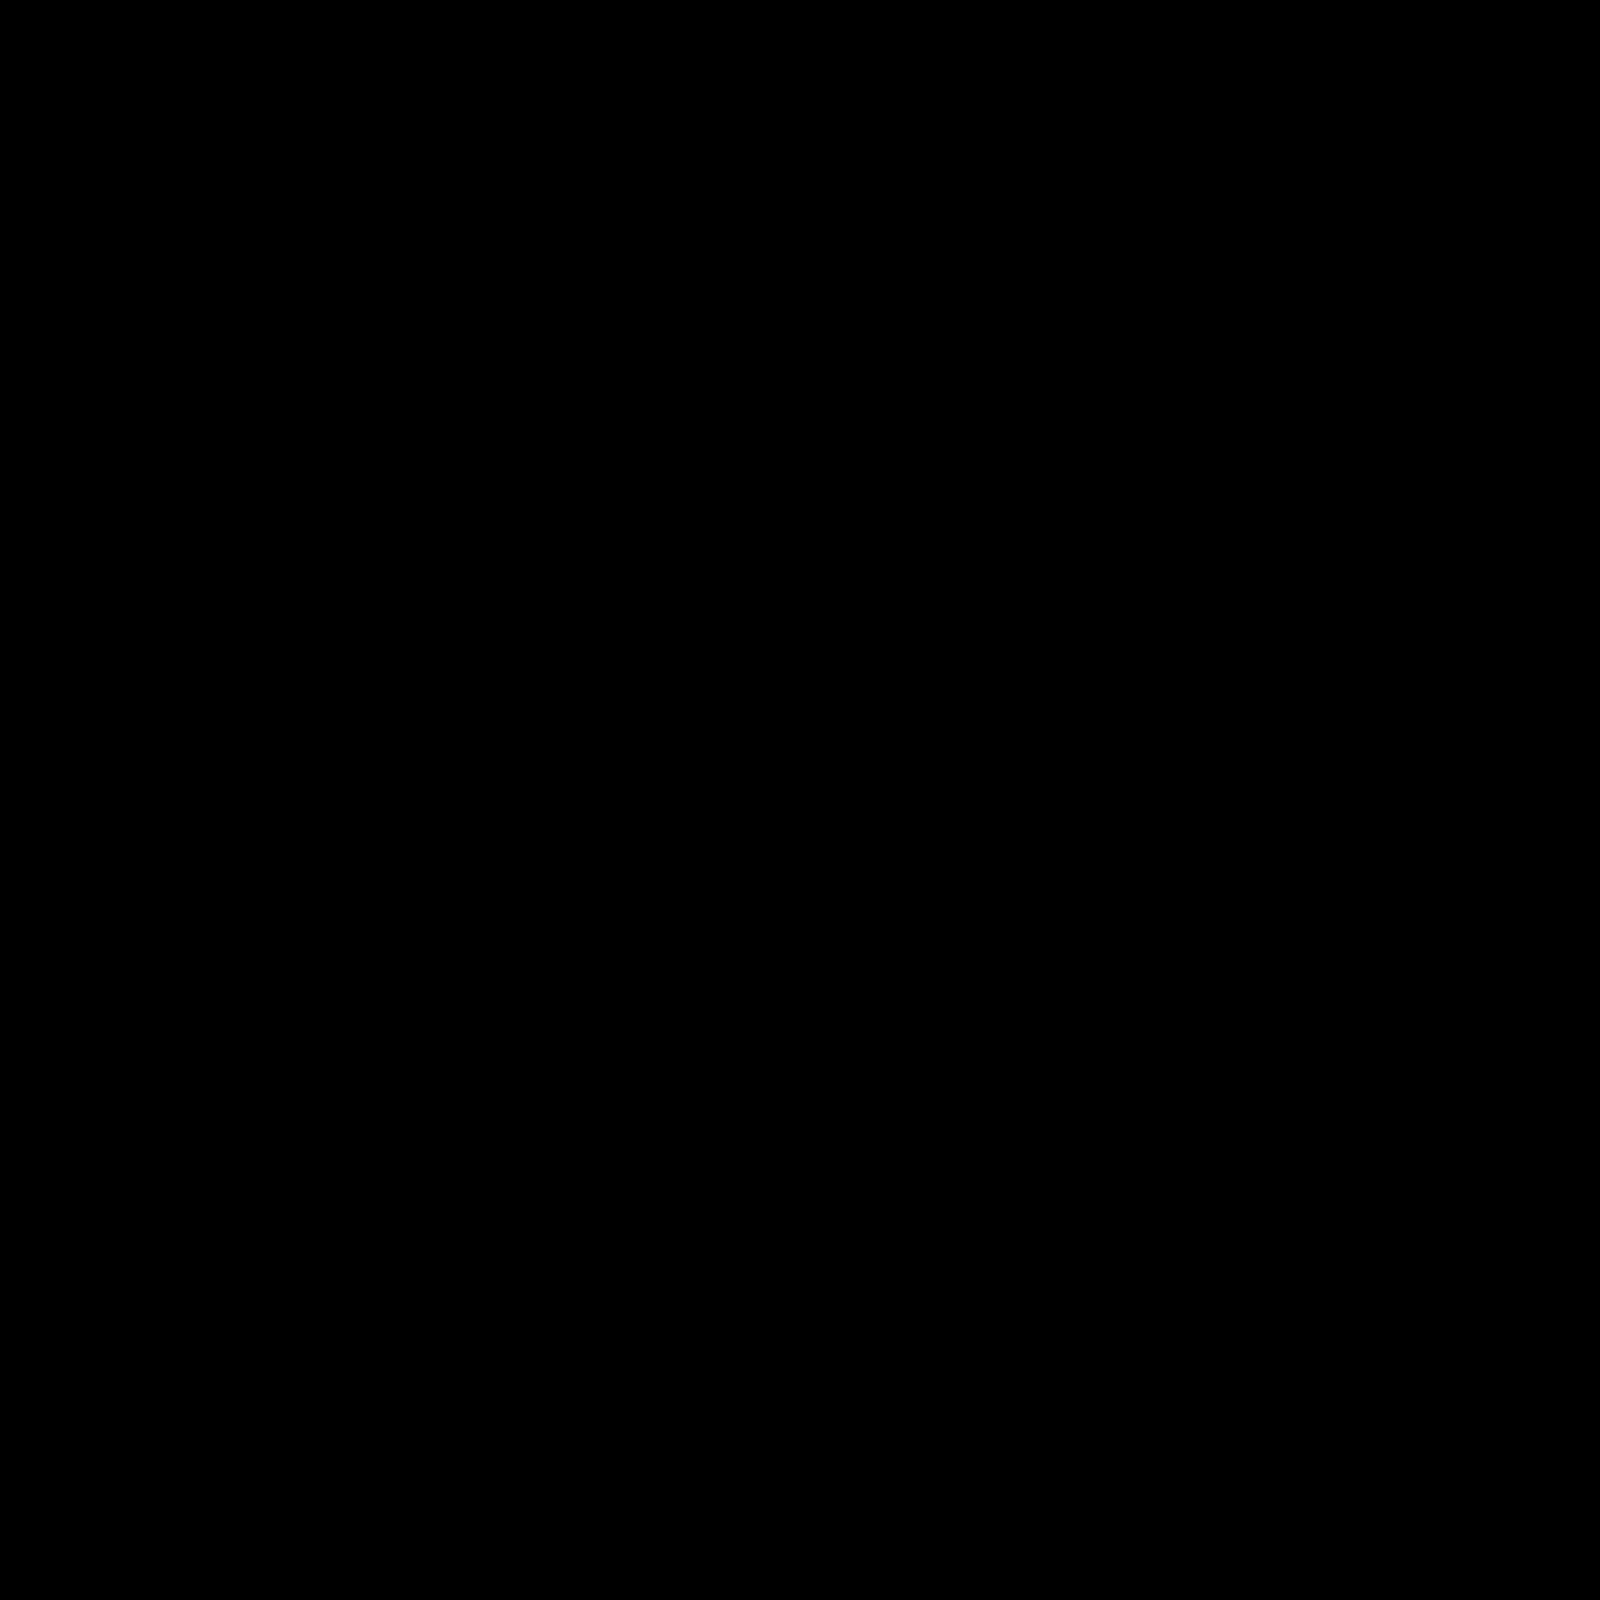 Długi skok icon